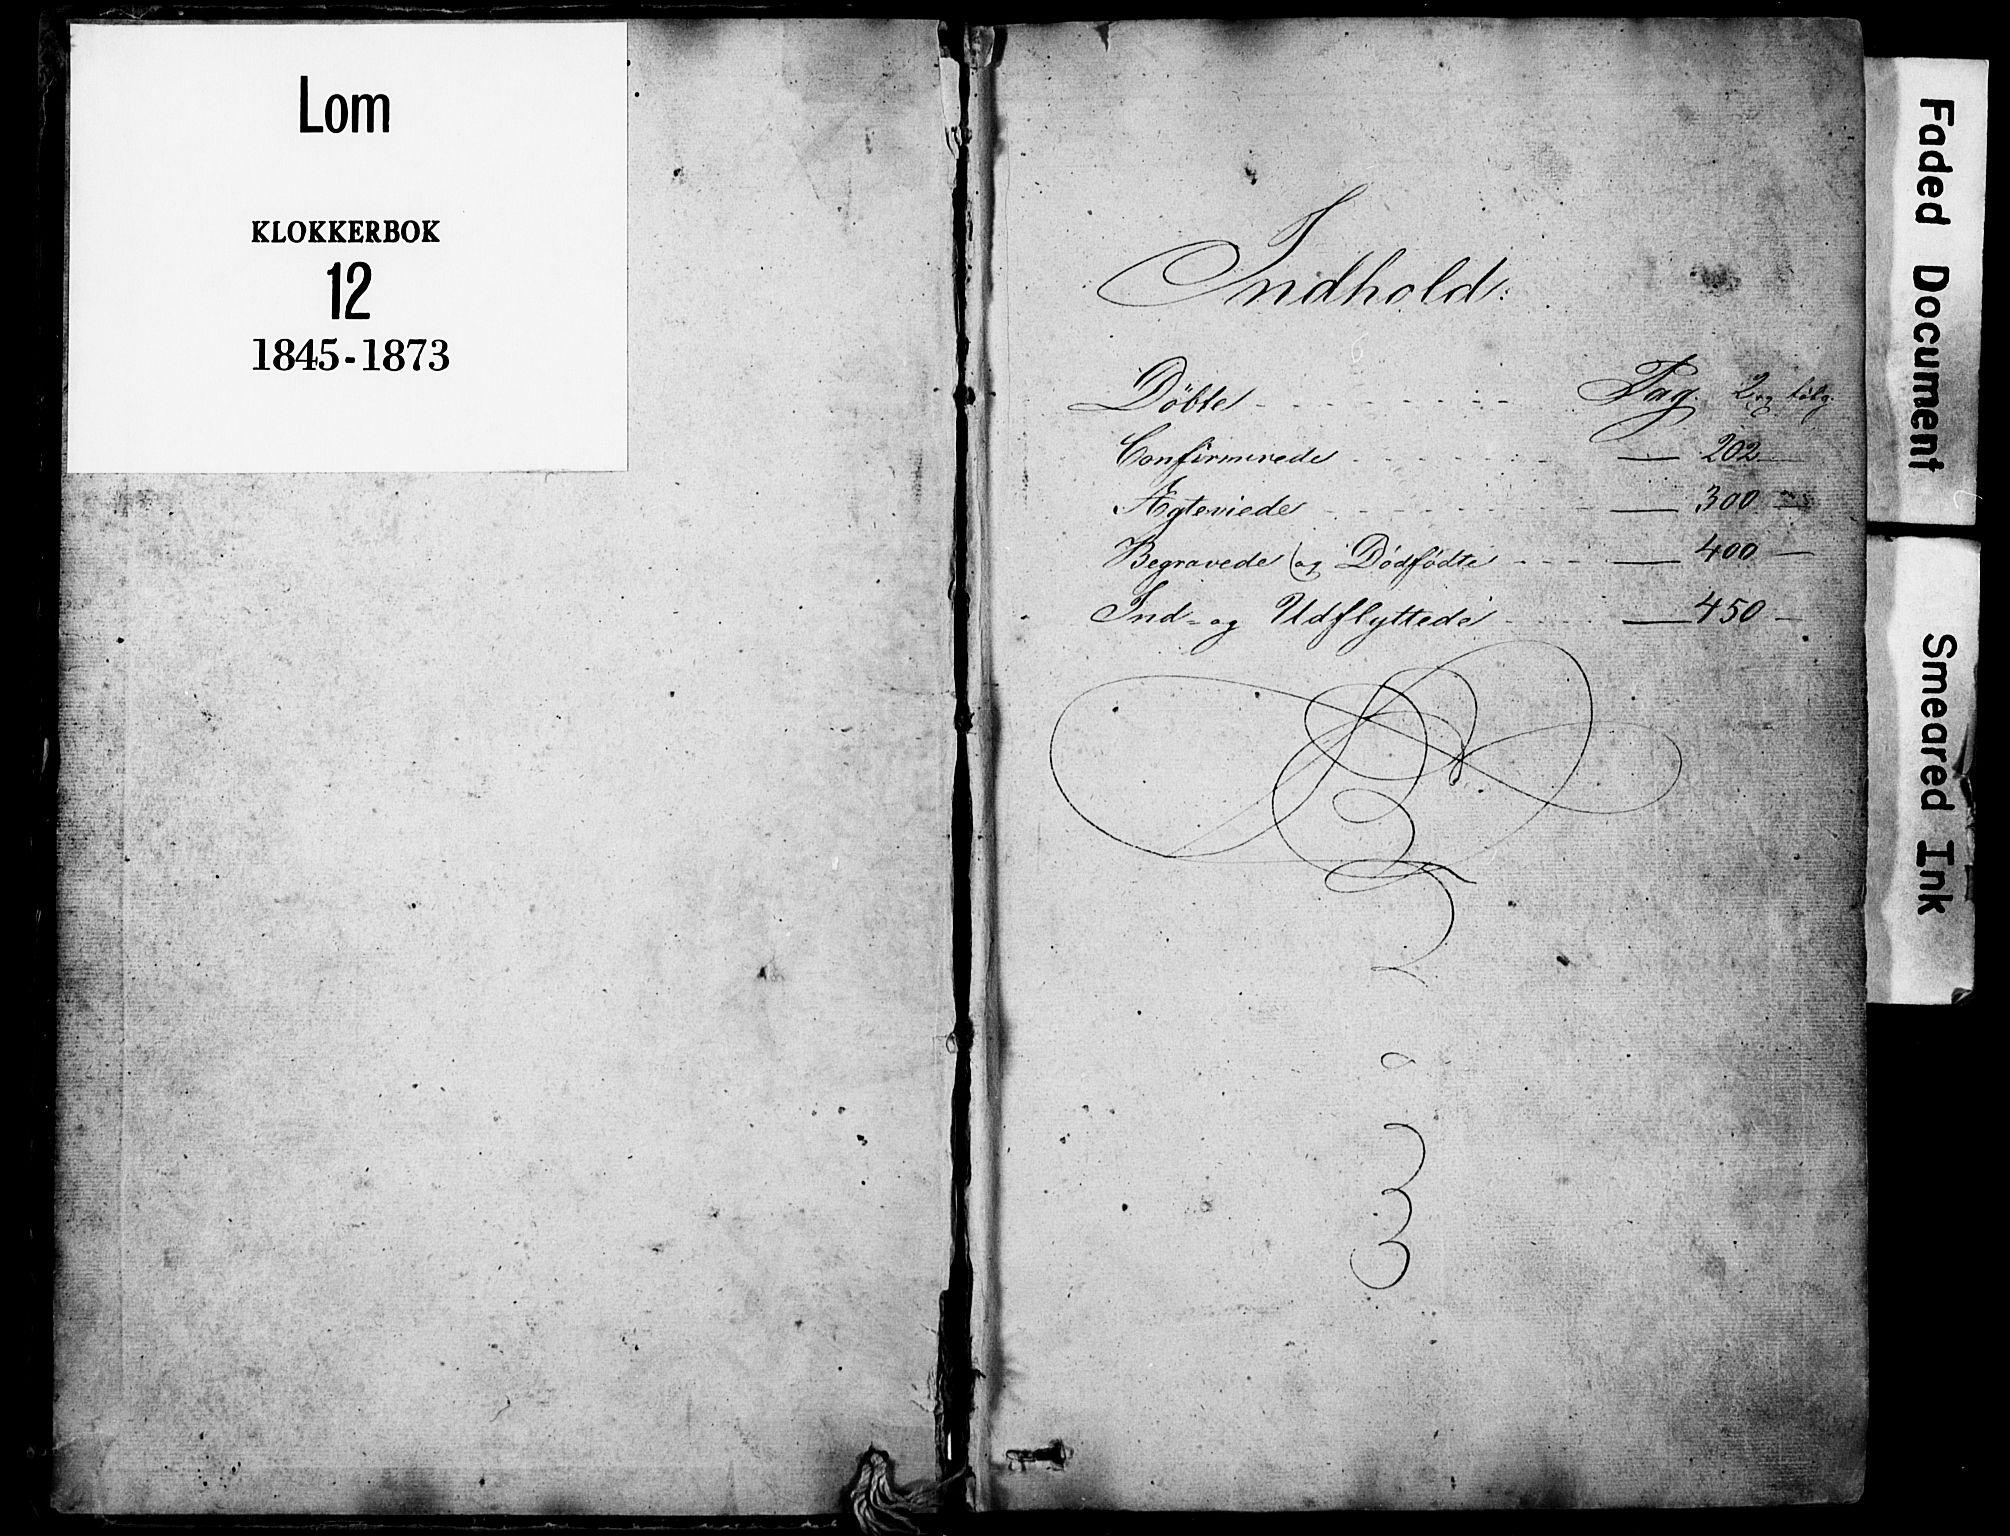 SAH, Lom prestekontor, L/L0012: Klokkerbok nr. 12, 1845-1873, s. 0-1